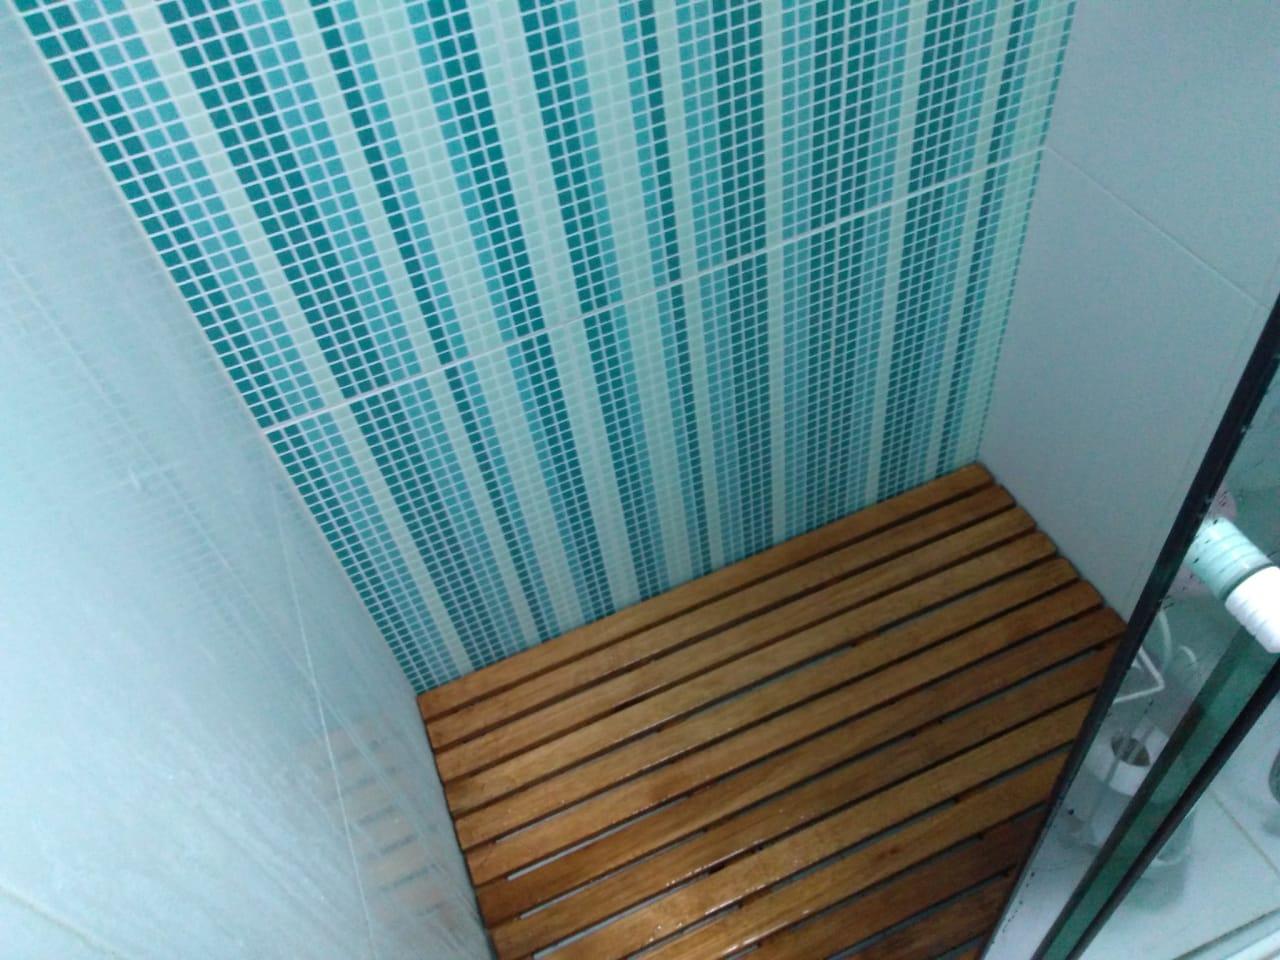 Deck De Madeira Chuveiro Box Banheiro Capacho 105x76 cm Pintado